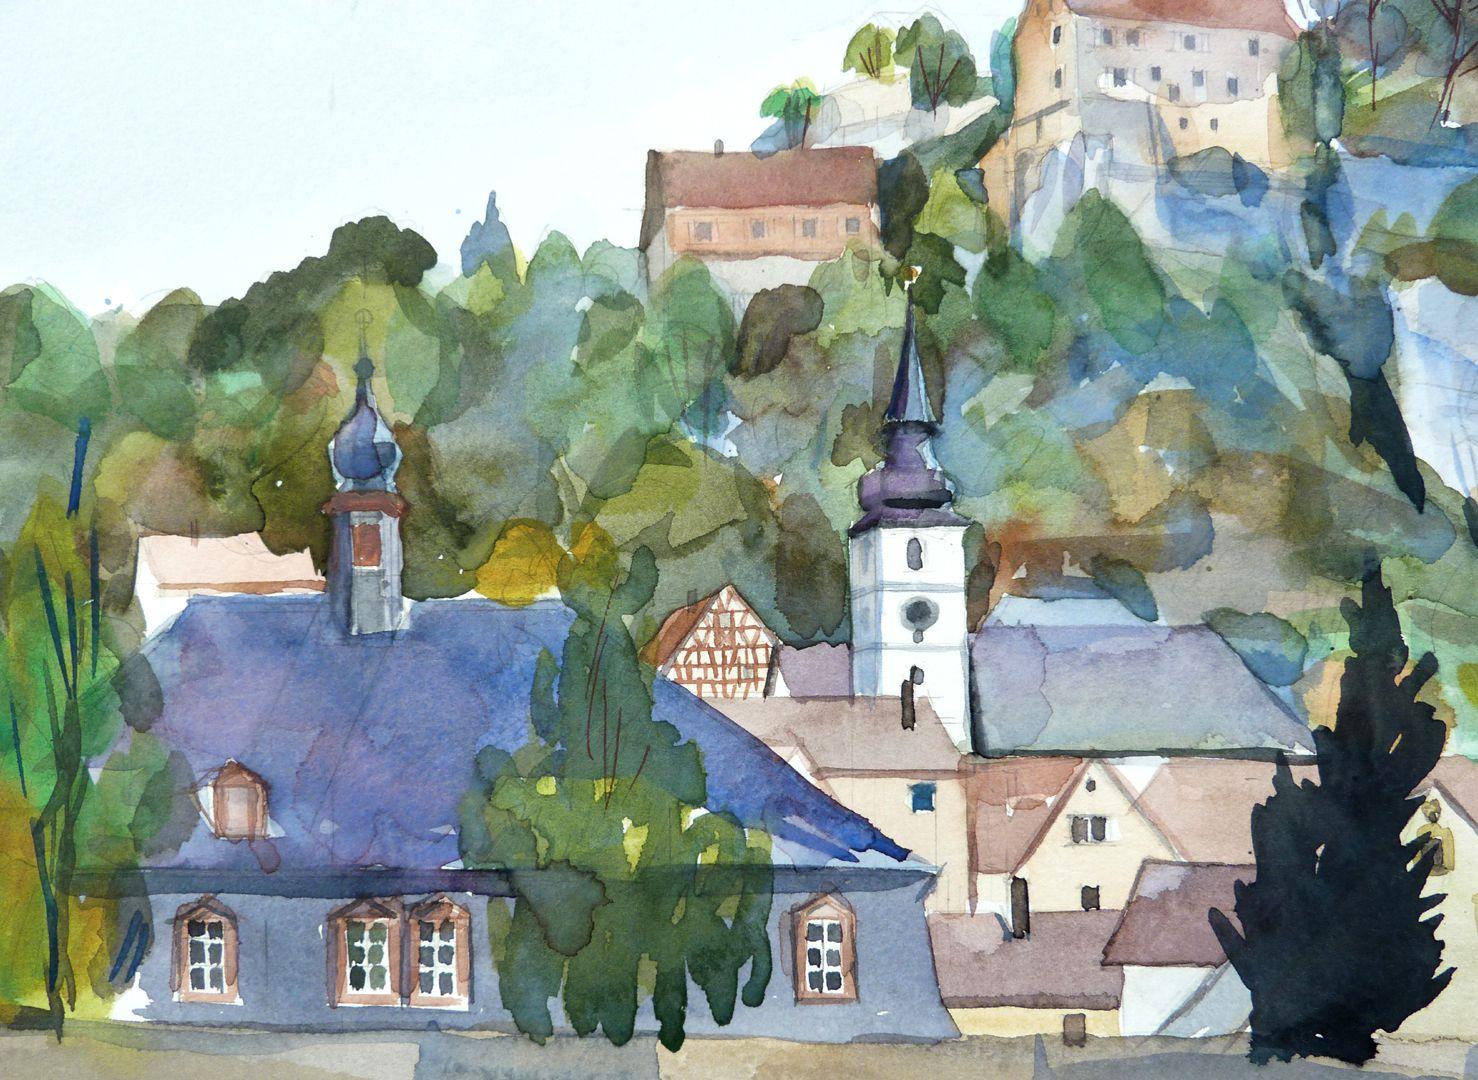 Pottenstein (Oberfranken) Stadtsilhouette mit Bürgerhaus, St. Bartholomäus und Burg, Detail